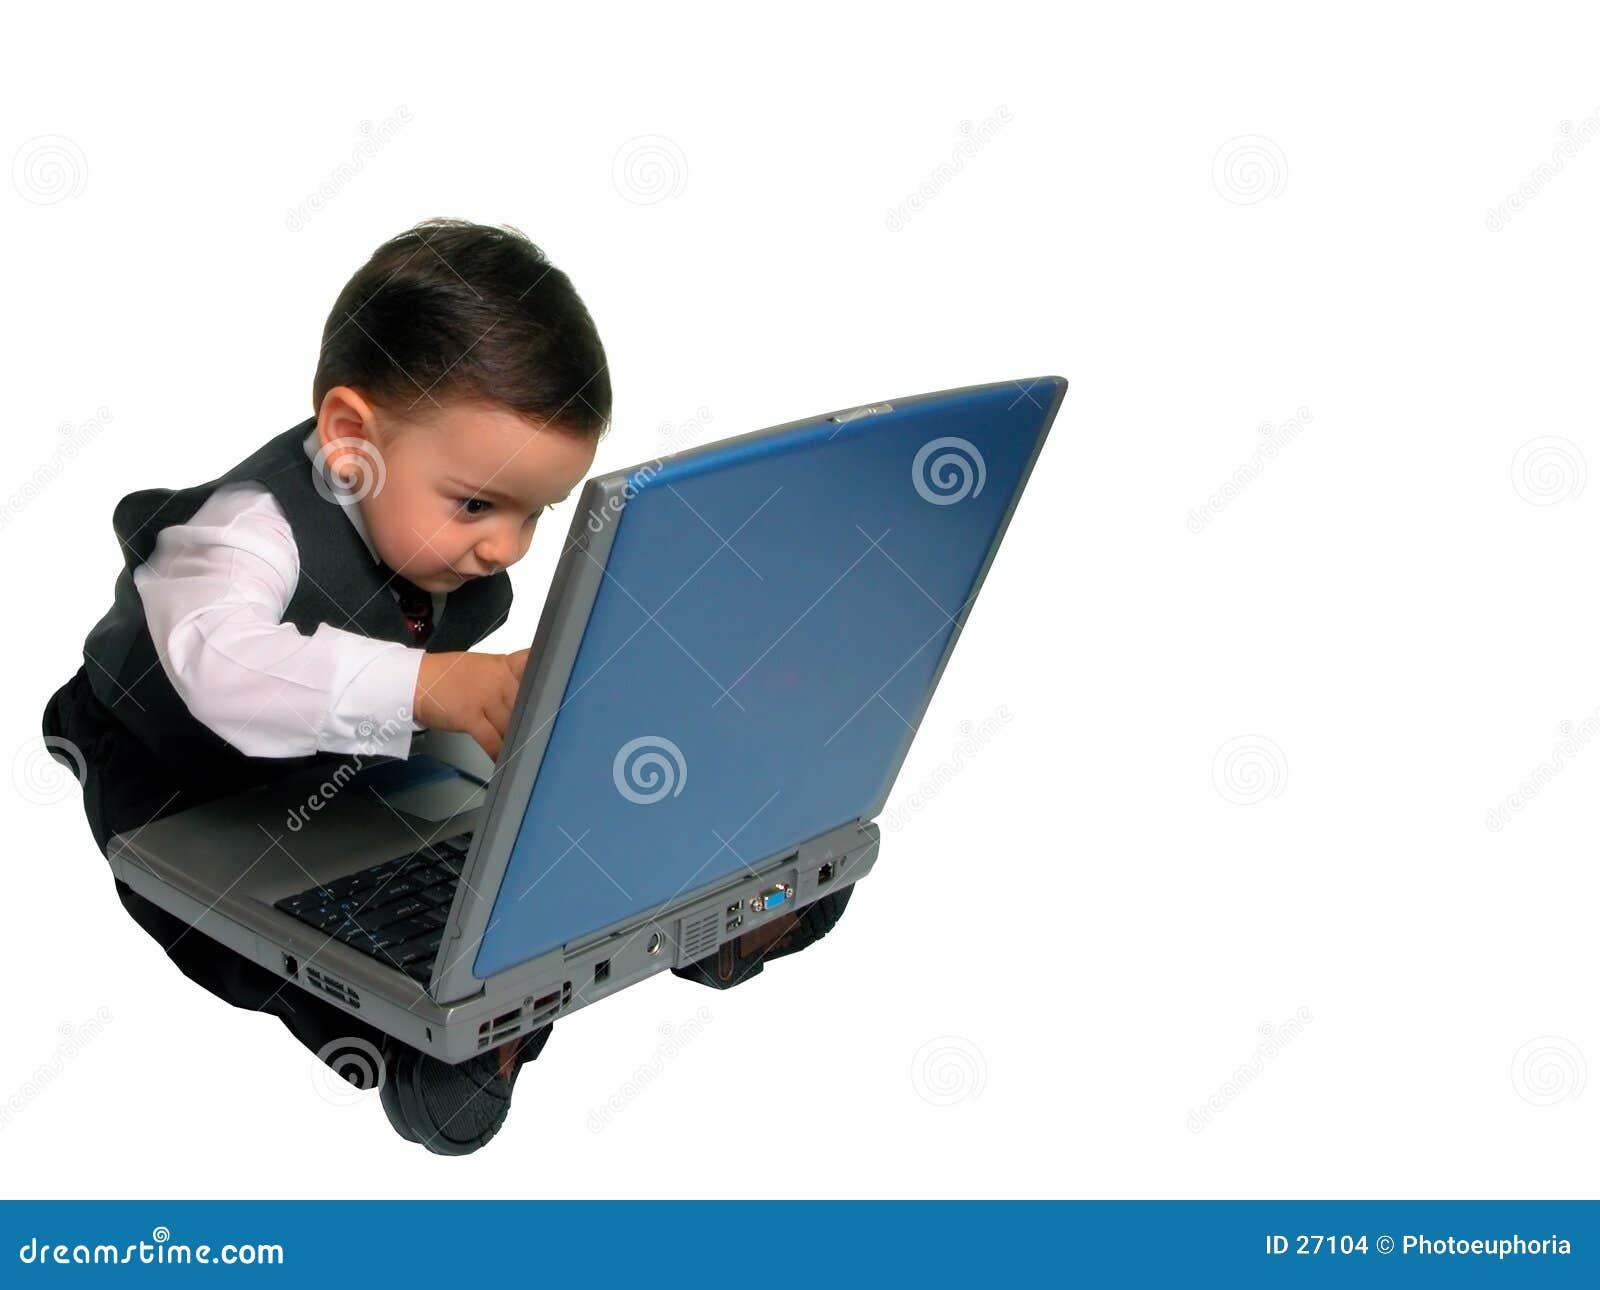 Kleine Mann-Serie: Prüfung von eMail?